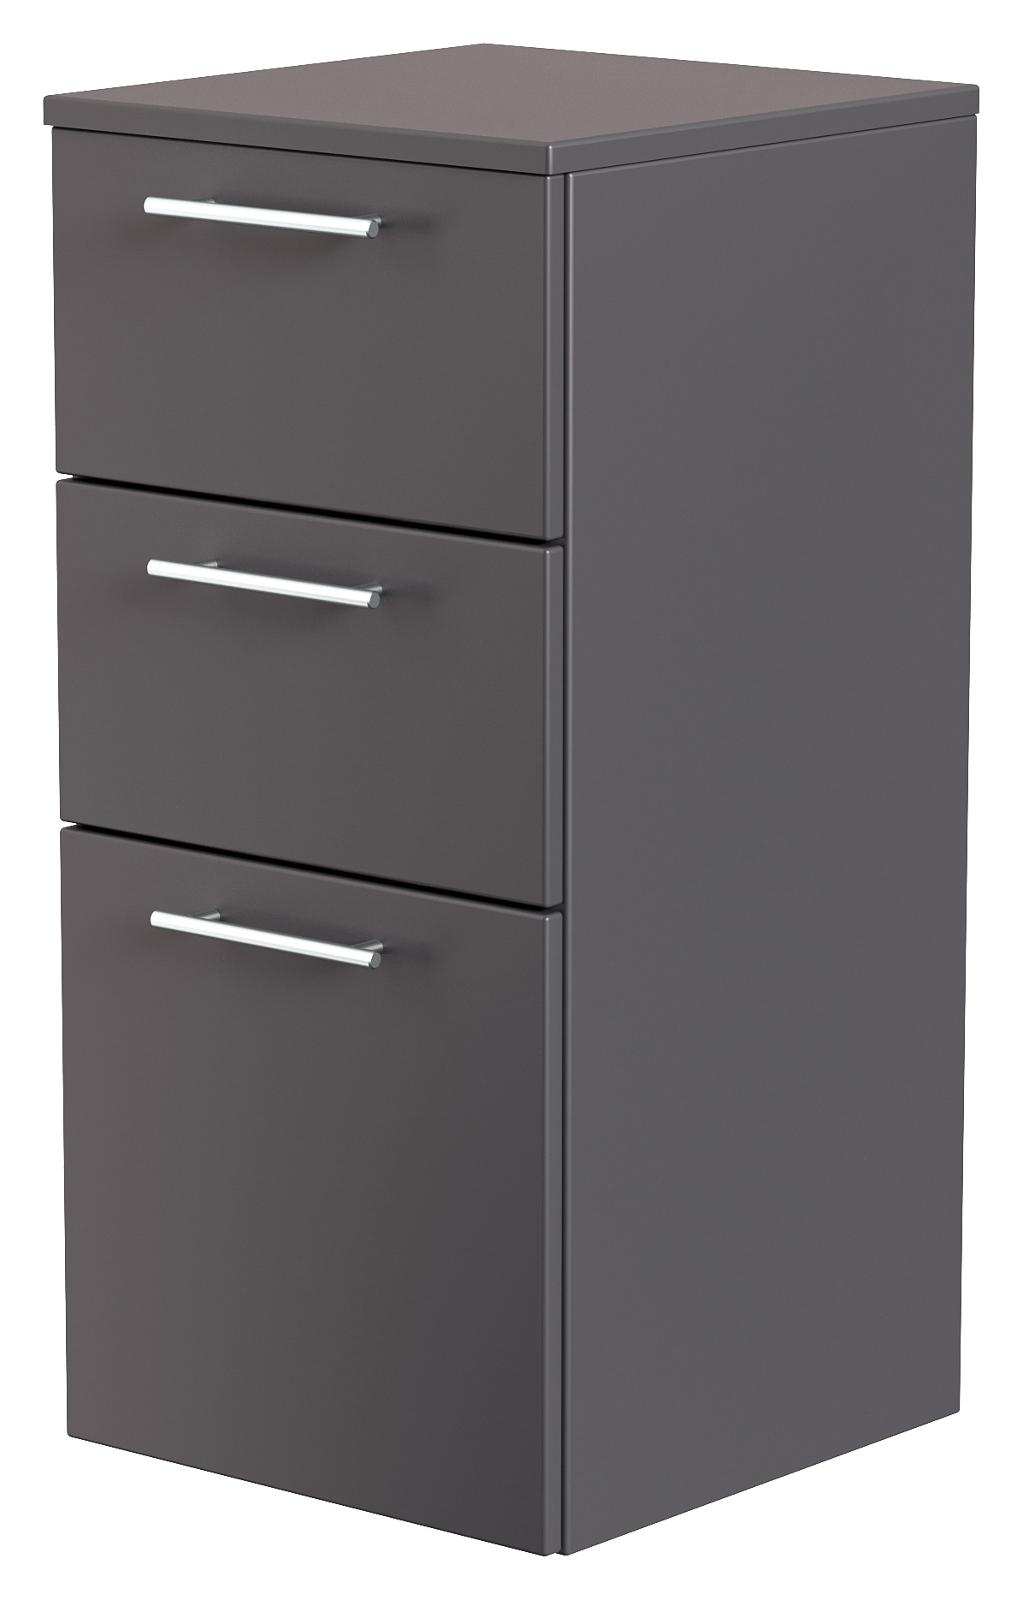 Kleiderschrank Ikea Zusammenstellen ~ Wohnwand Schrankwand Anbauwand Hochglanz tiefgezogen weiss Digno